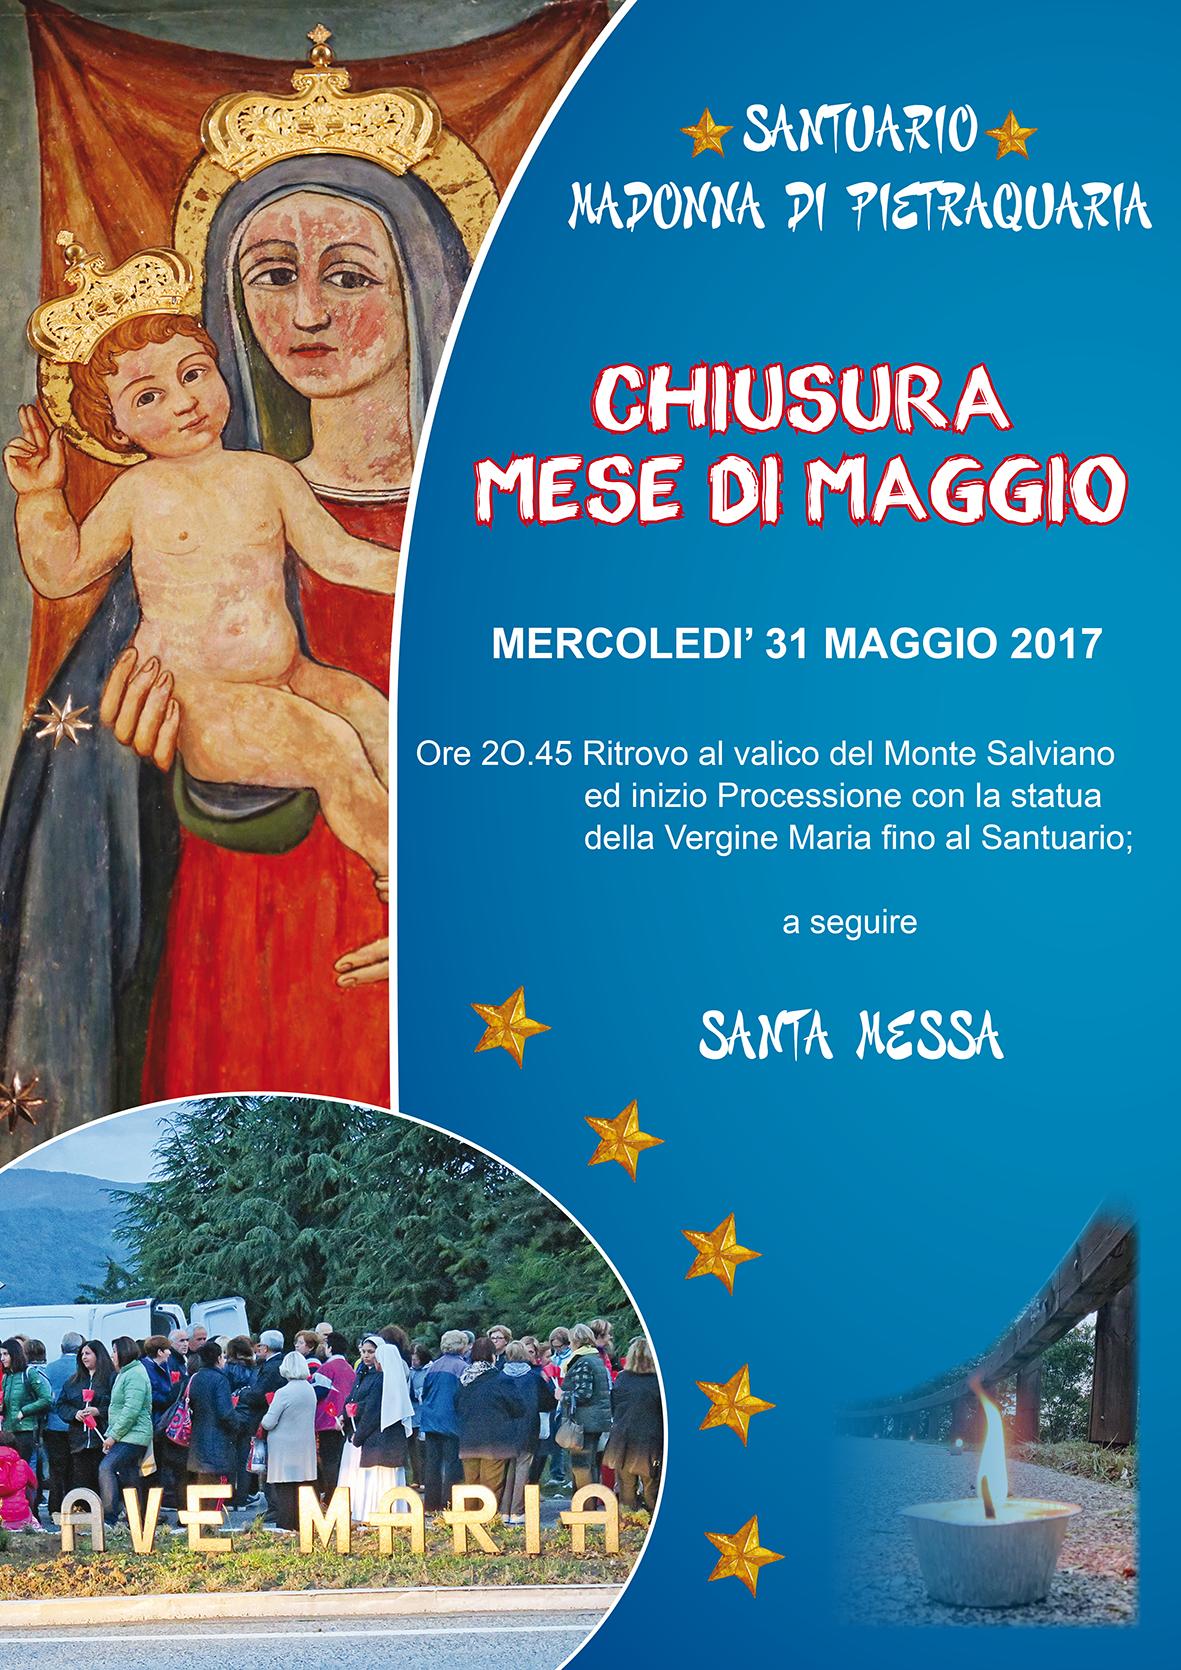 CHIUSURA MESE DI MAGGIO